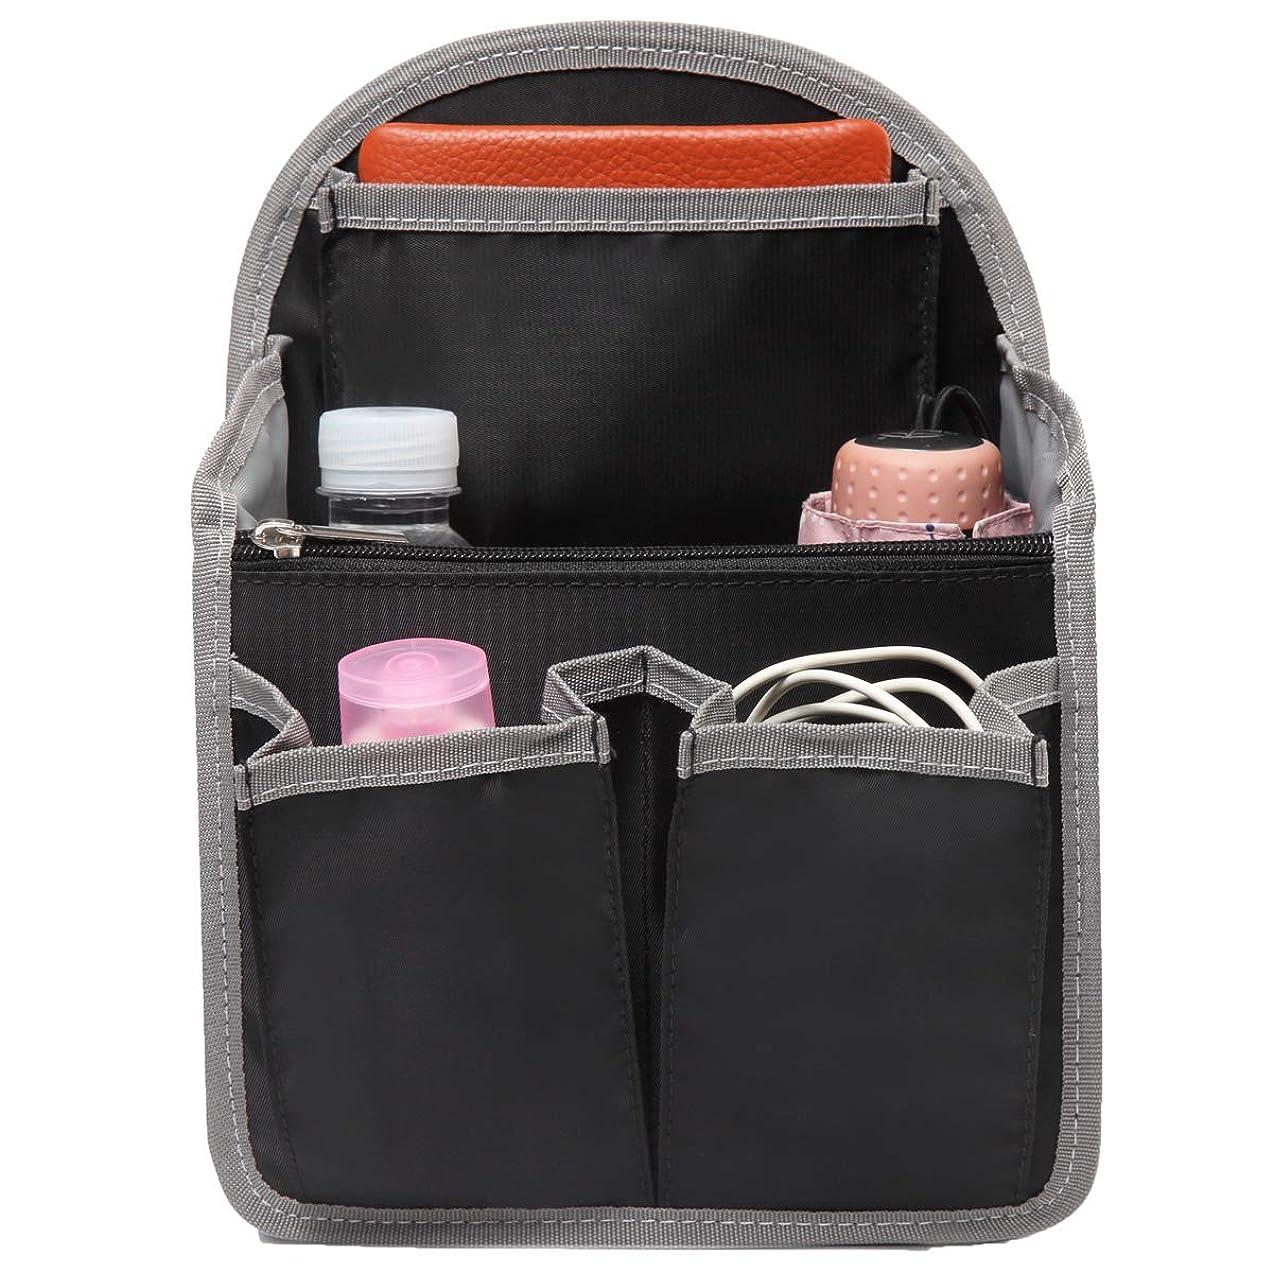 ヘルシー最終的にボックスMetene ネックピロー U型まくら 携帯枕 洗えるカバー 旅行用品 飛行機 トラベル 収納ポーチ付 (ブルー)